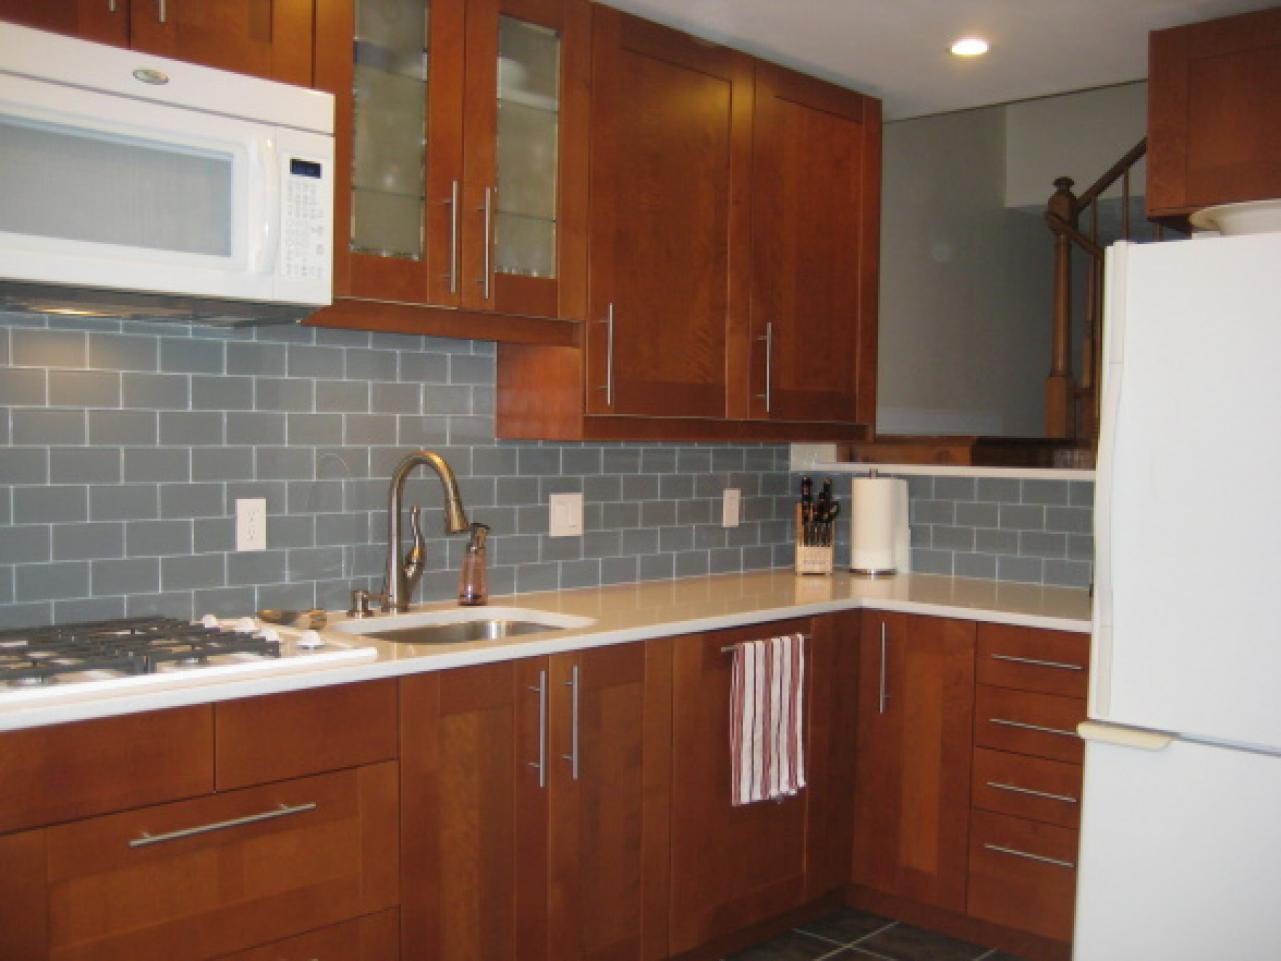 kitchen design ideas diy photo - 8